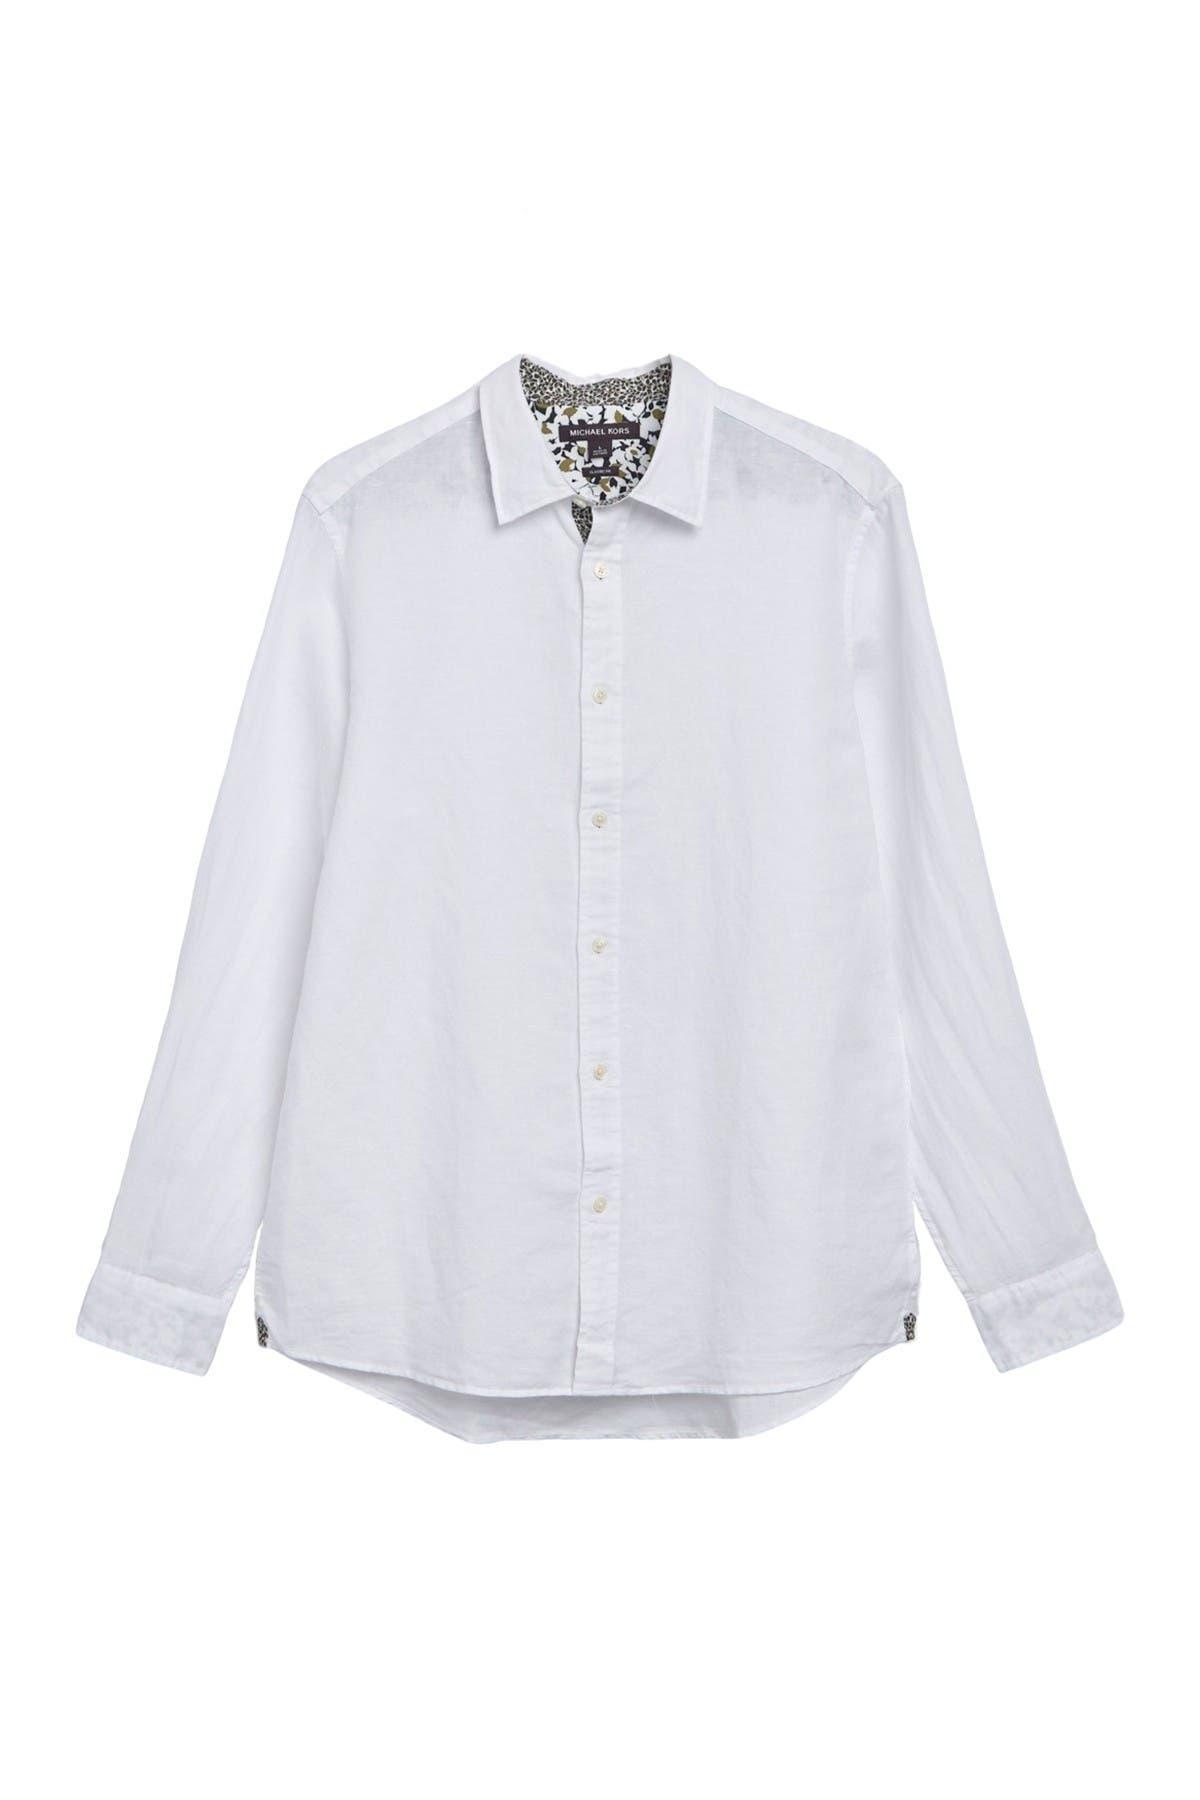 Image of Michael Kors Linen Blend Long Sleeve Shirt